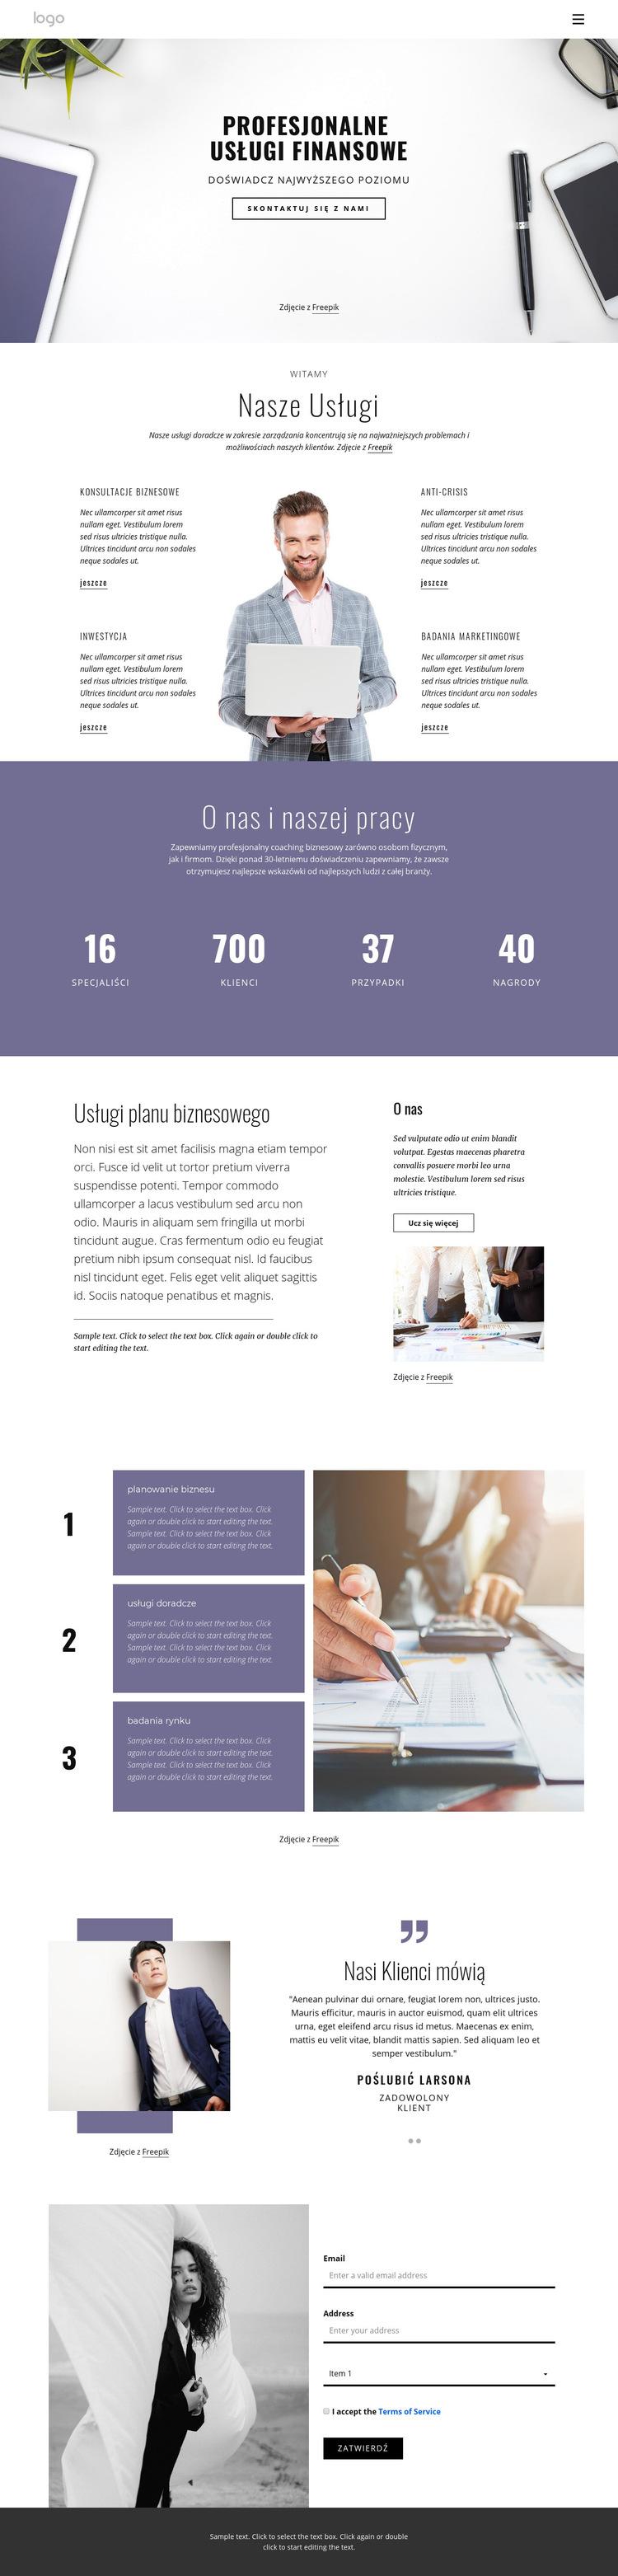 Profesjonalne usługi finansowe Szablon witryny sieci Web